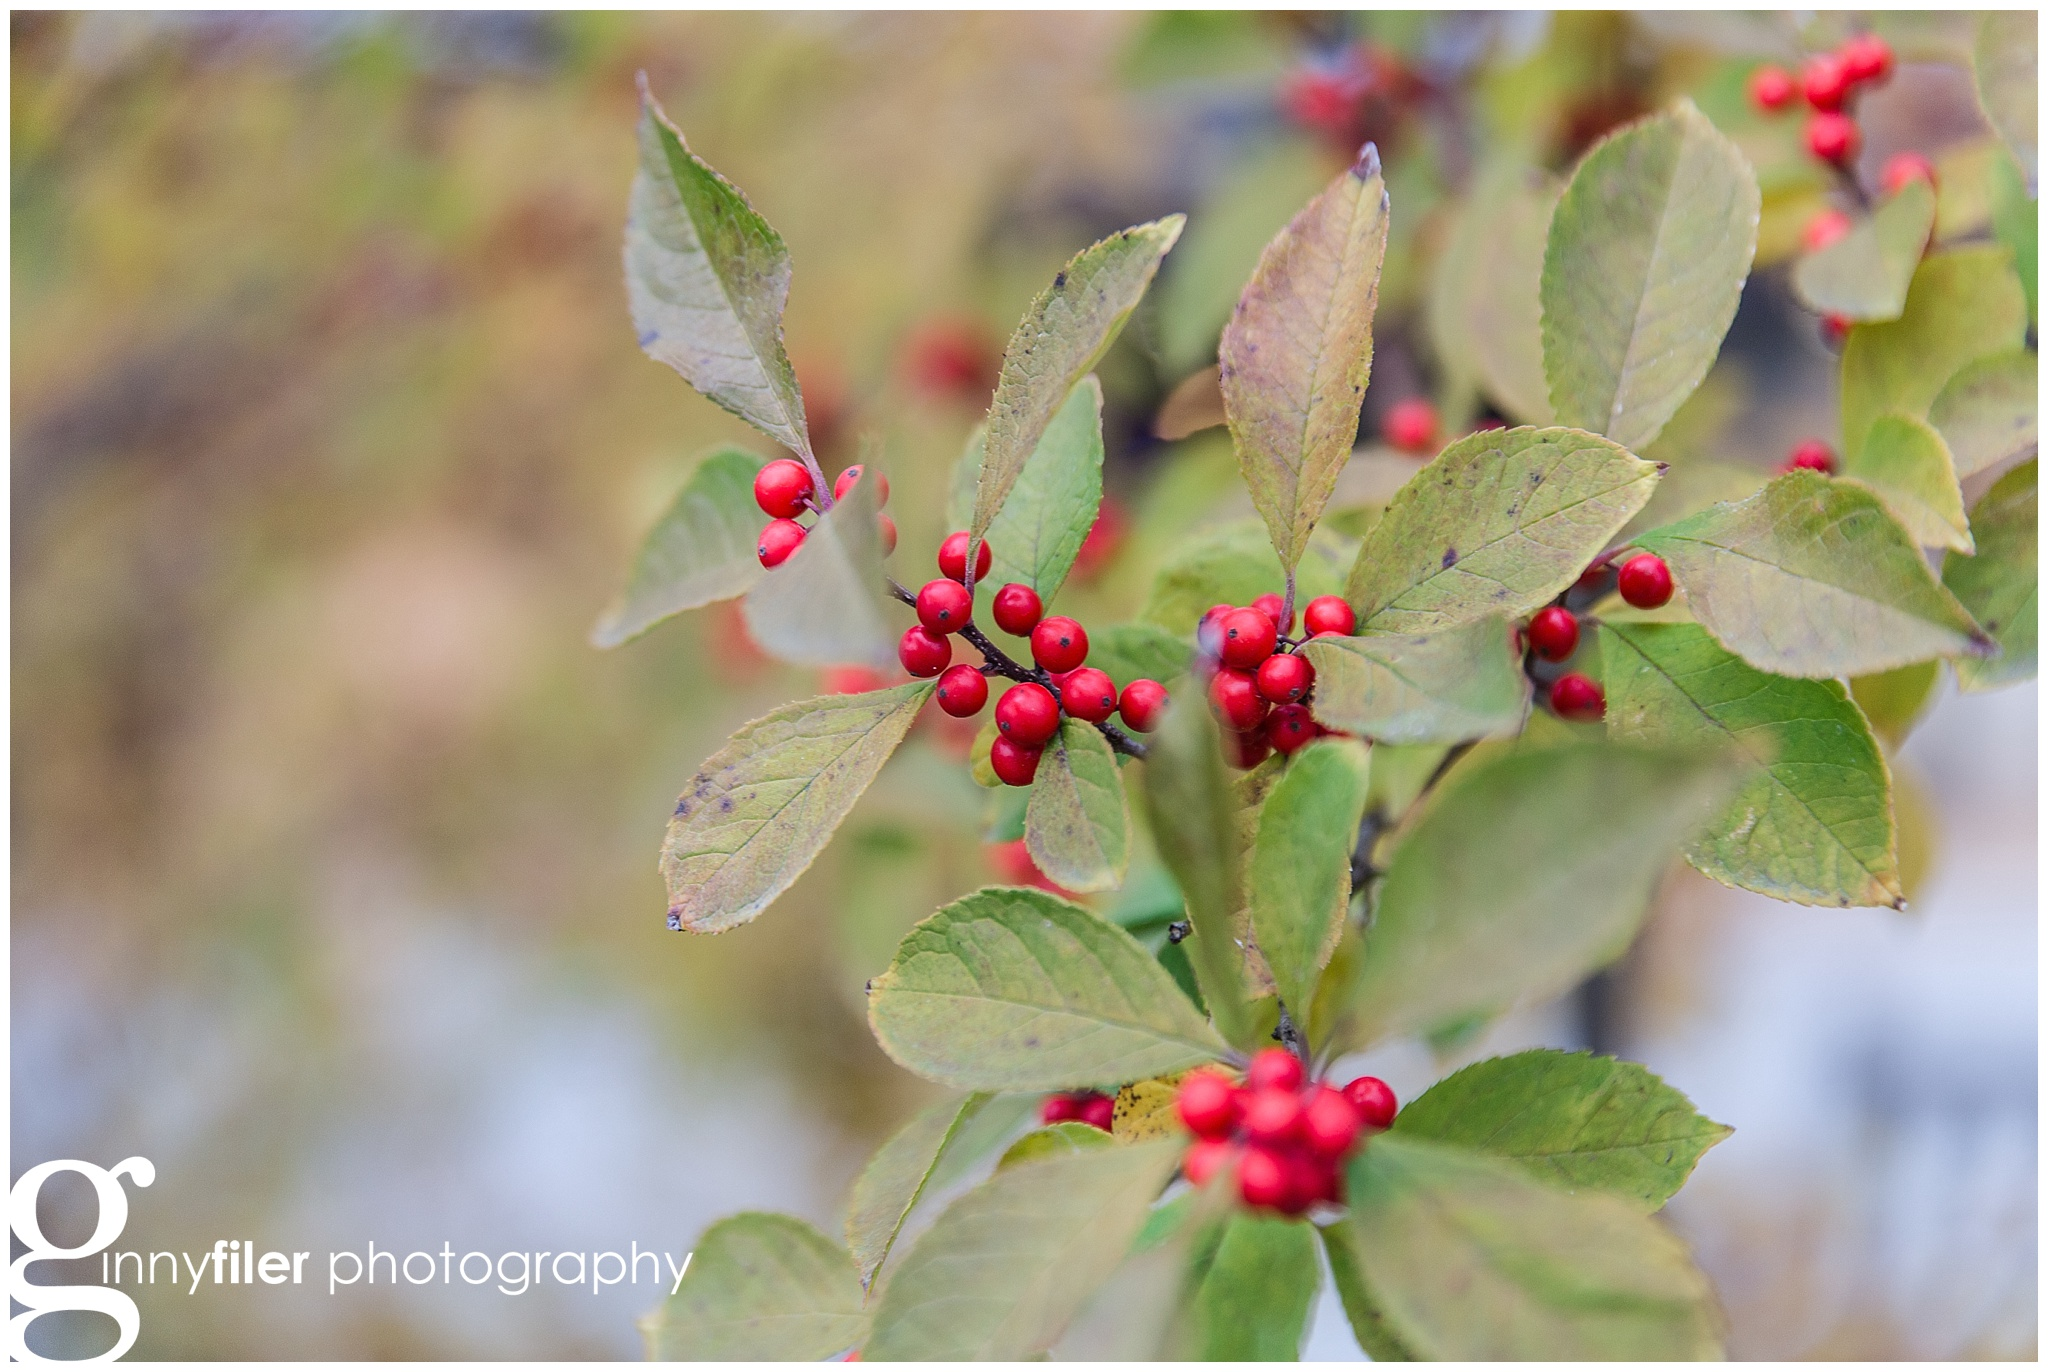 longwood_Christmas_0002.jpg